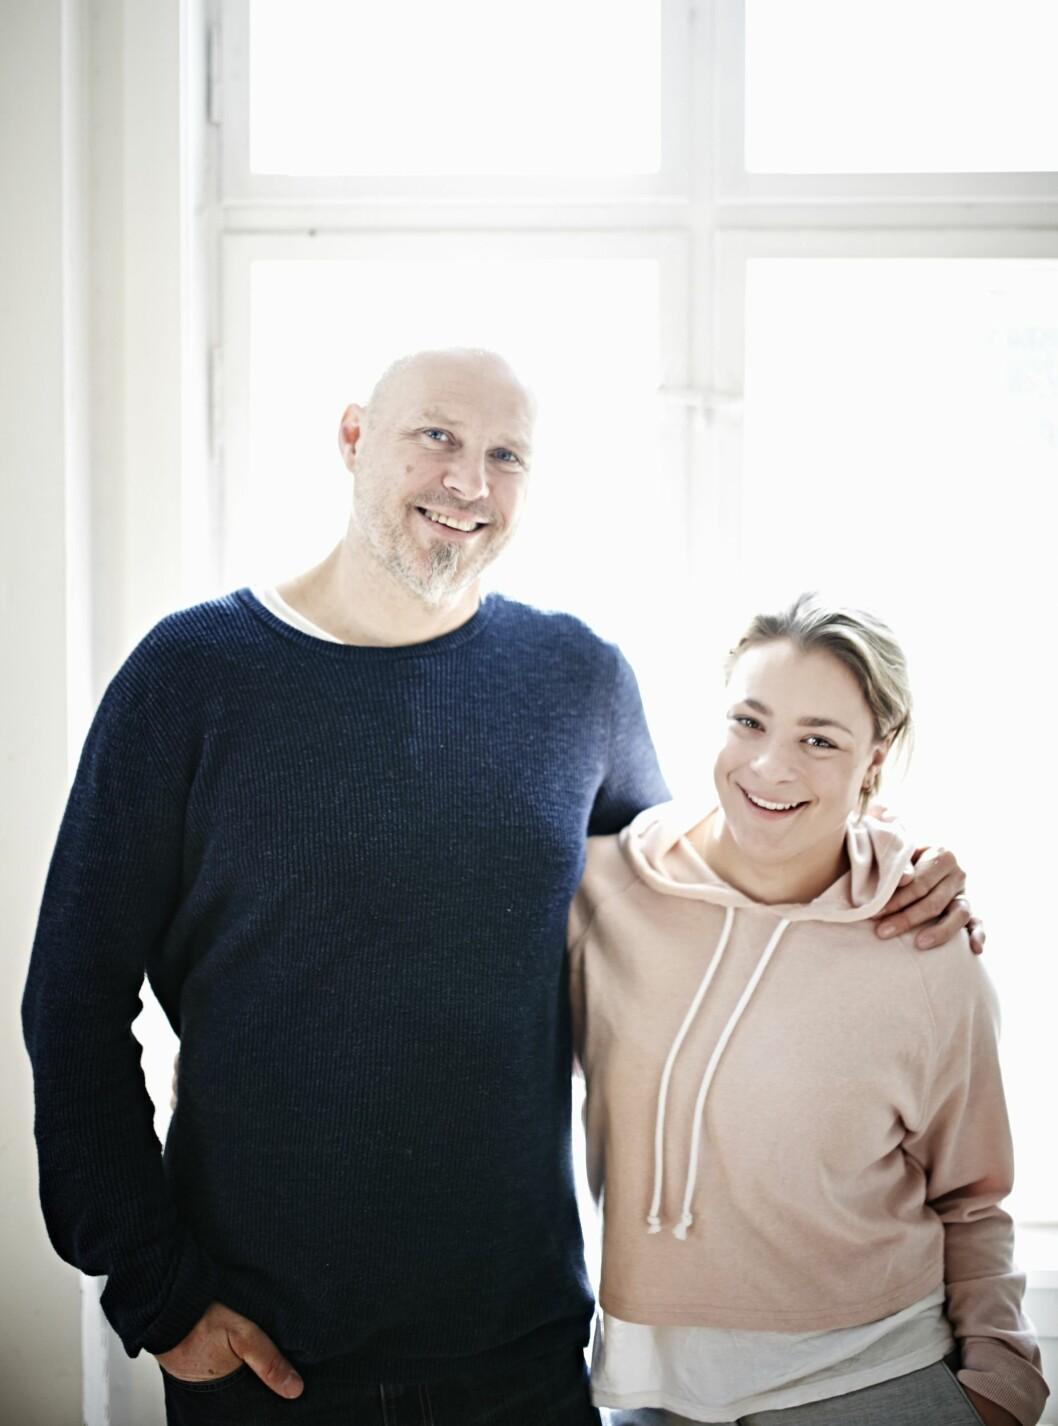 BONUSPAPPA: – Det har handlet om ikke å gi seg og om å tåle hverandre, oppsummerer Espen Winther (53) sine over tjue år som bonuspappa til Helene (25).  Foto: Geir Dokken